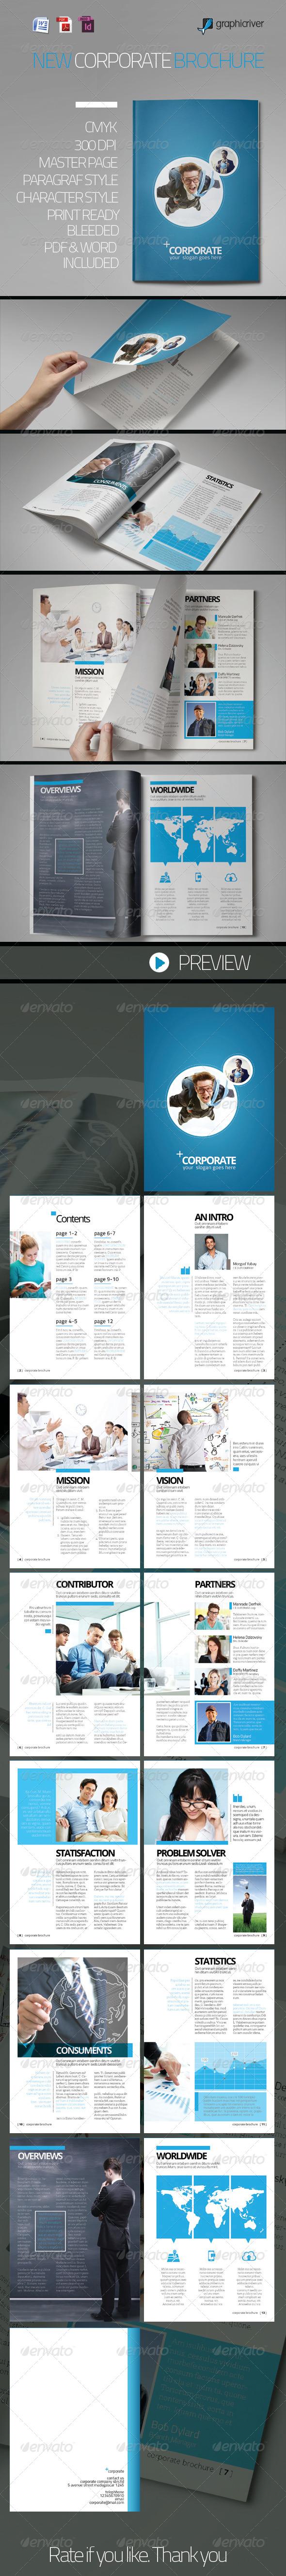 New Corporate Brochure - Corporate Brochures